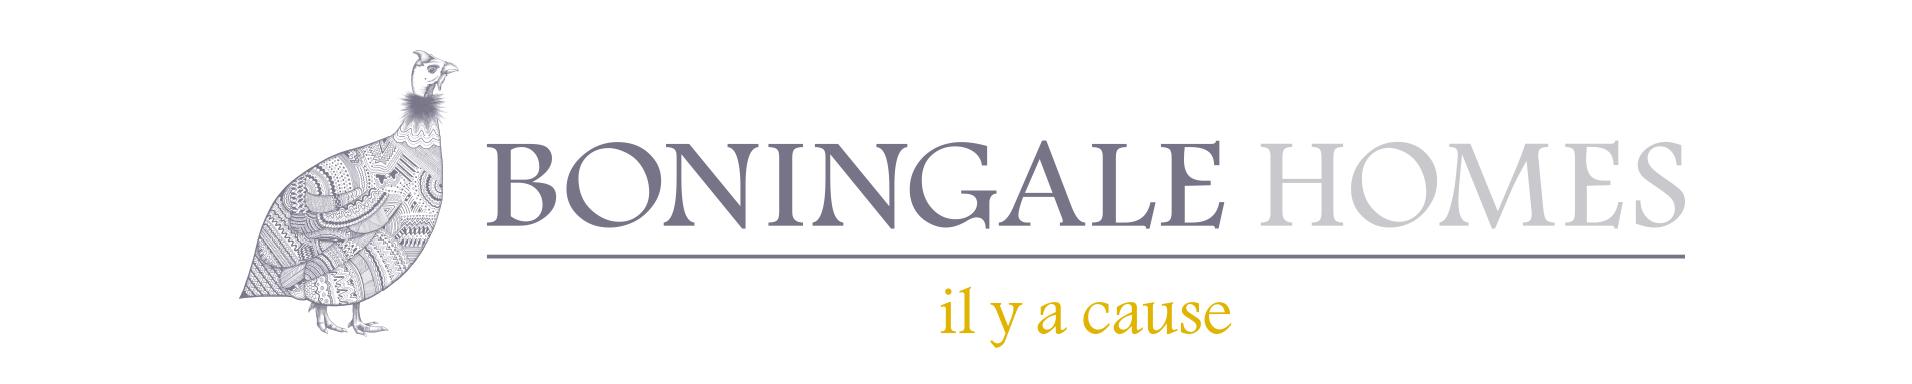 Boningale Homes